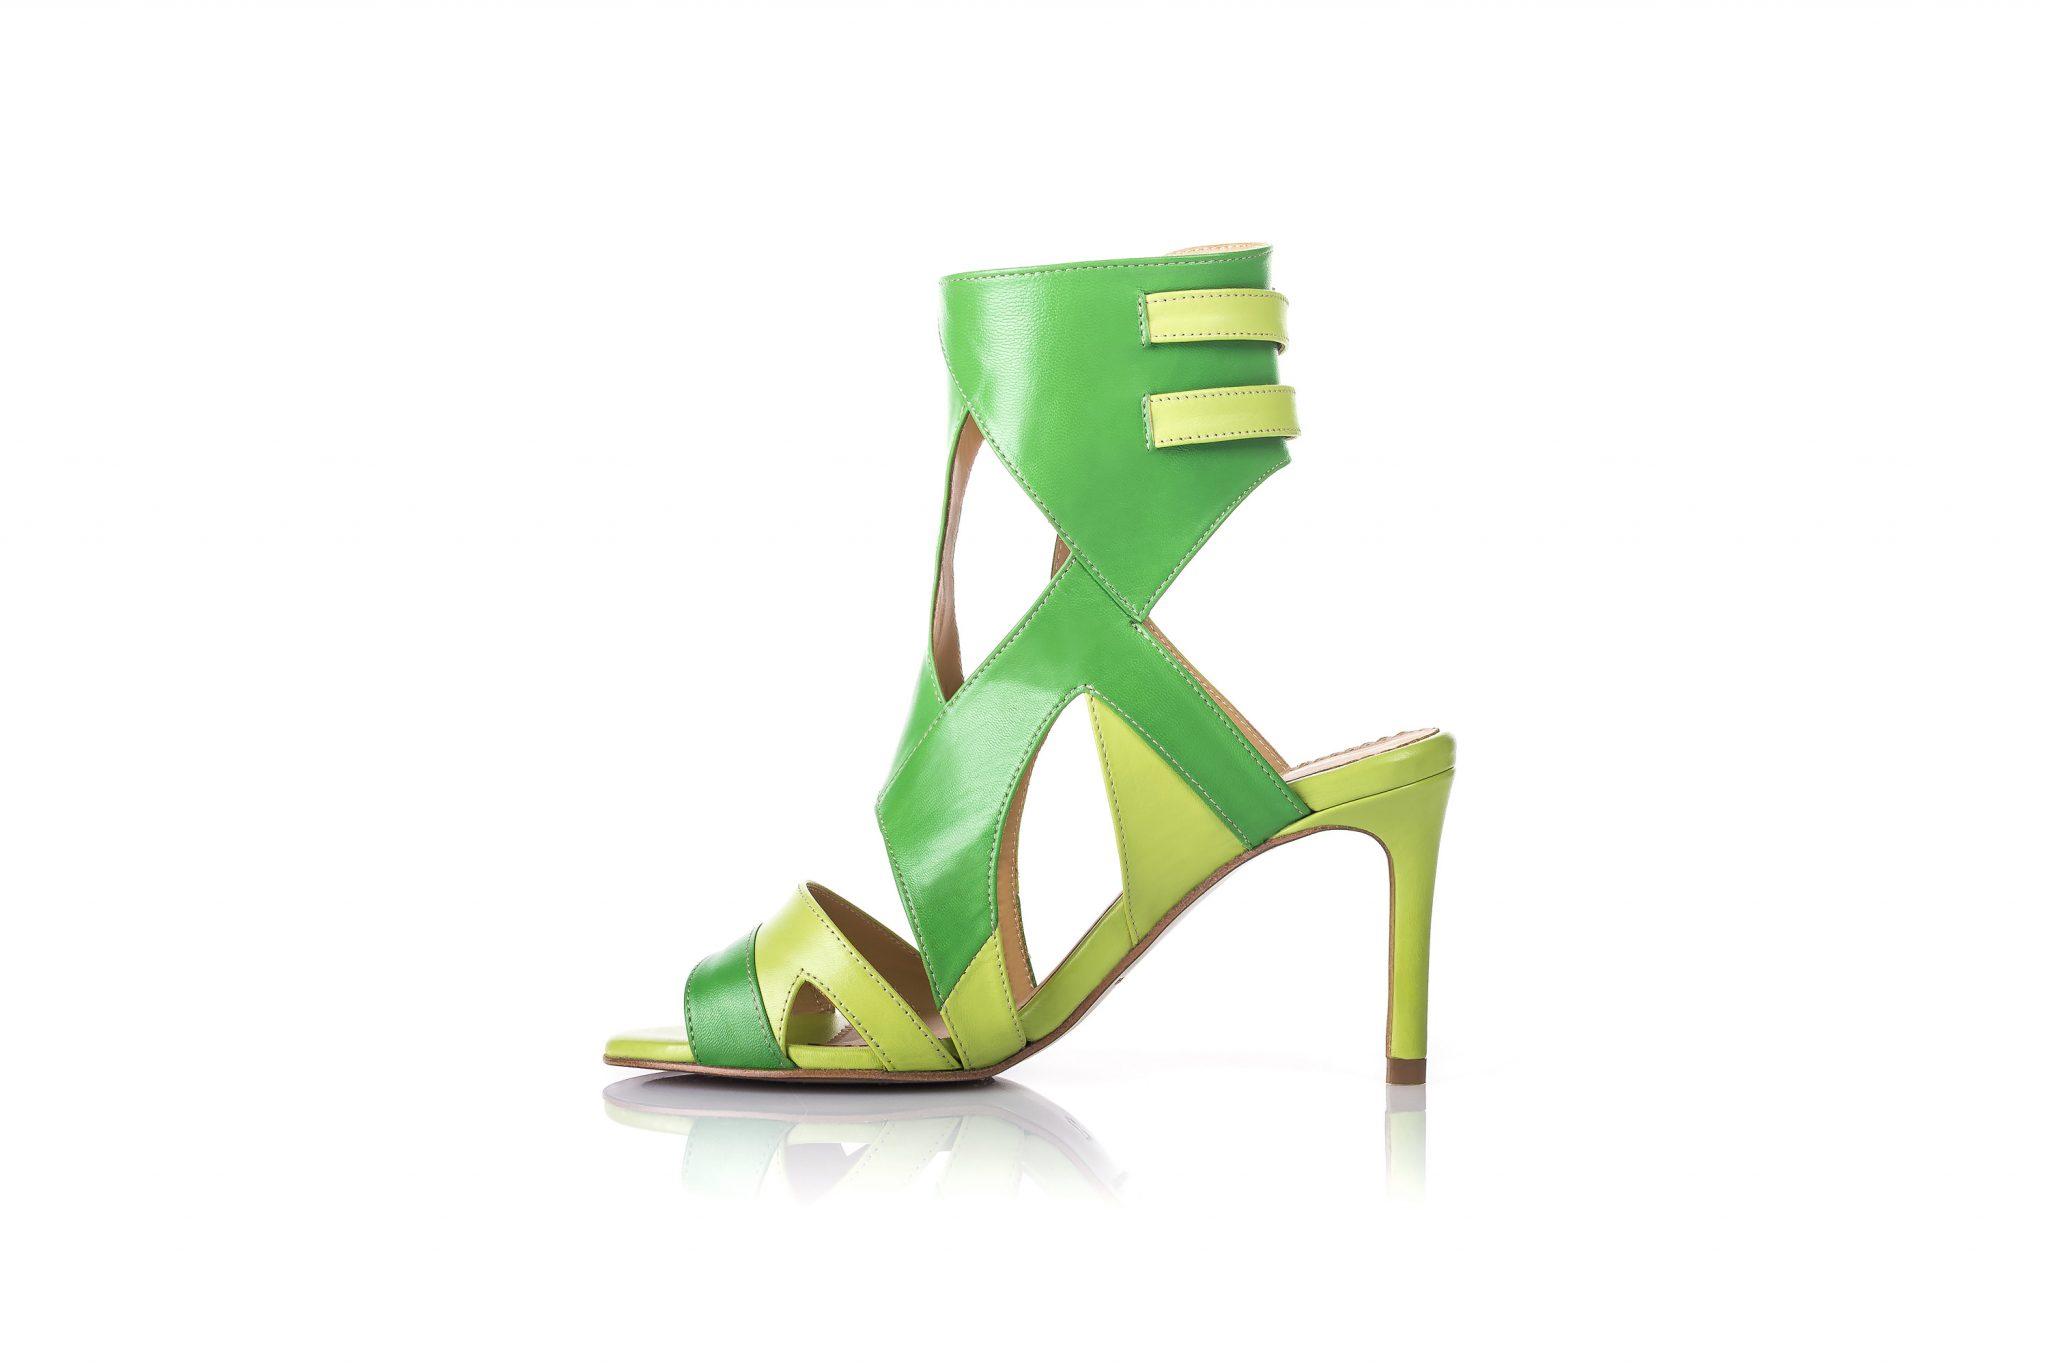 High Heel Sandals – Zoe